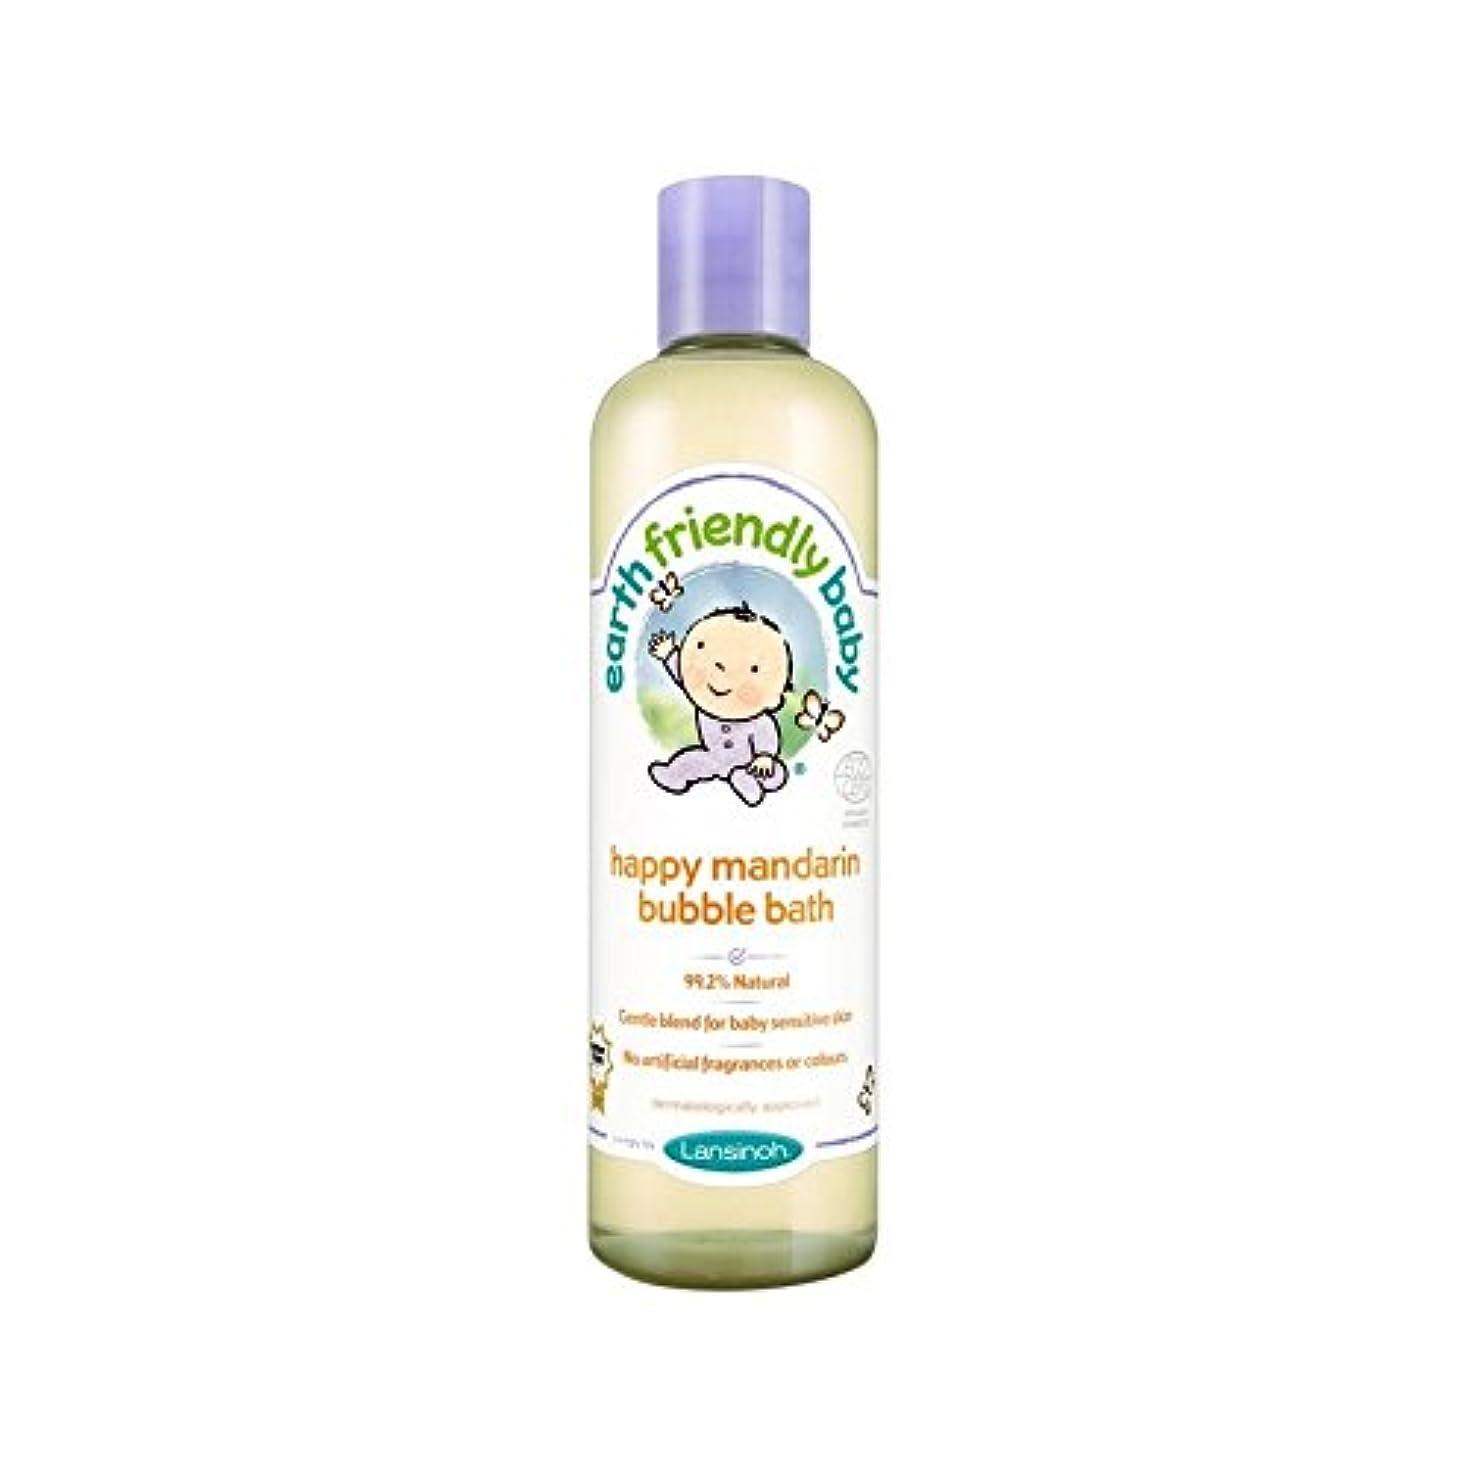 赤ちゃん幸せなマンダリン泡風呂のエコサートの300ミリリットル (Earth Friendly) (x 2) - Earth Friendly Baby Happy Mandarin Bubble Bath ECOCERT 300ml (Pack of 2) [並行輸入品]